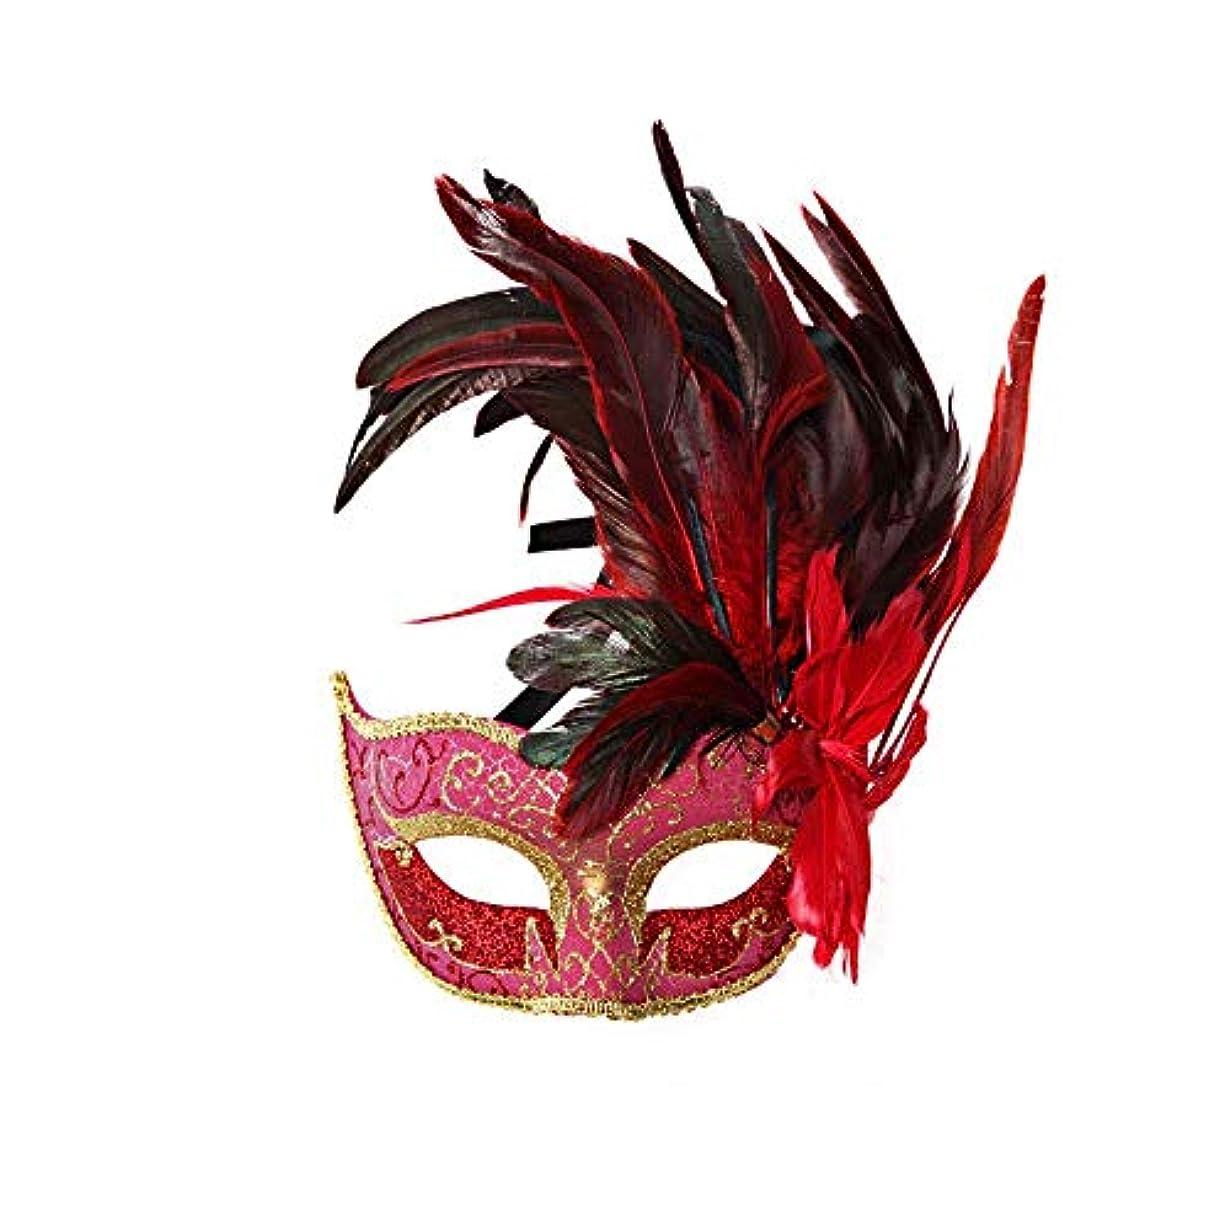 腹部裕福な薄いNanle ハロウィンマスクハーフフェザーマスクベニスプリンセスマスク美容レース仮面ライダーコスプレ (色 : Style A red)